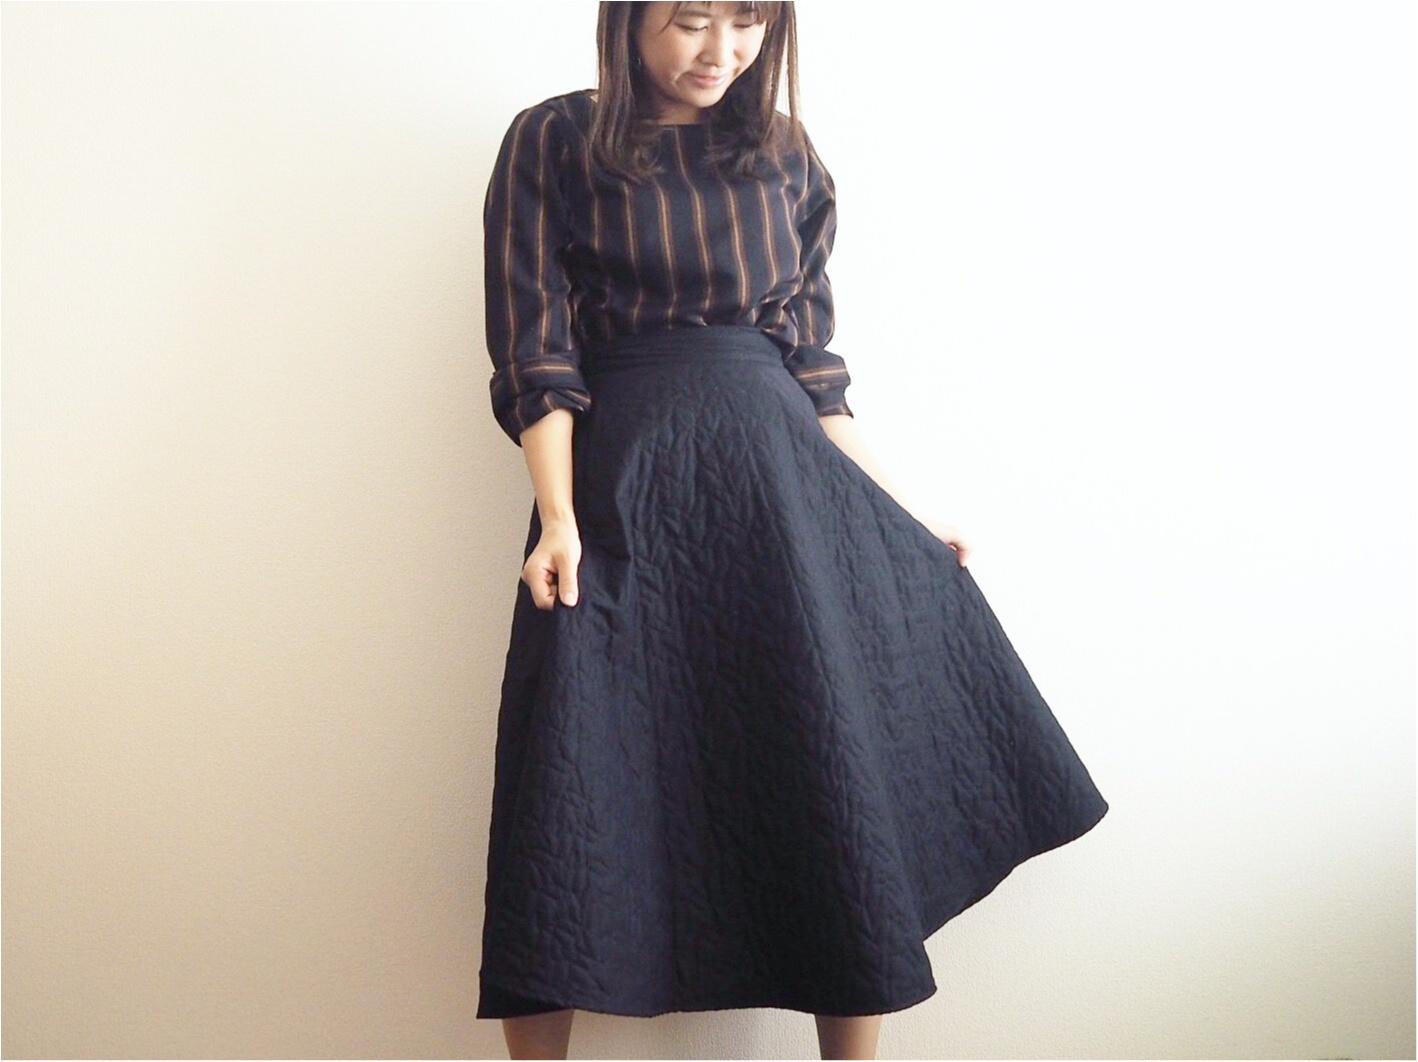 【UNIQLO】『キルトスカート』のシルエットがかわいすぎるんです!♡【JW ANDERSON】_3